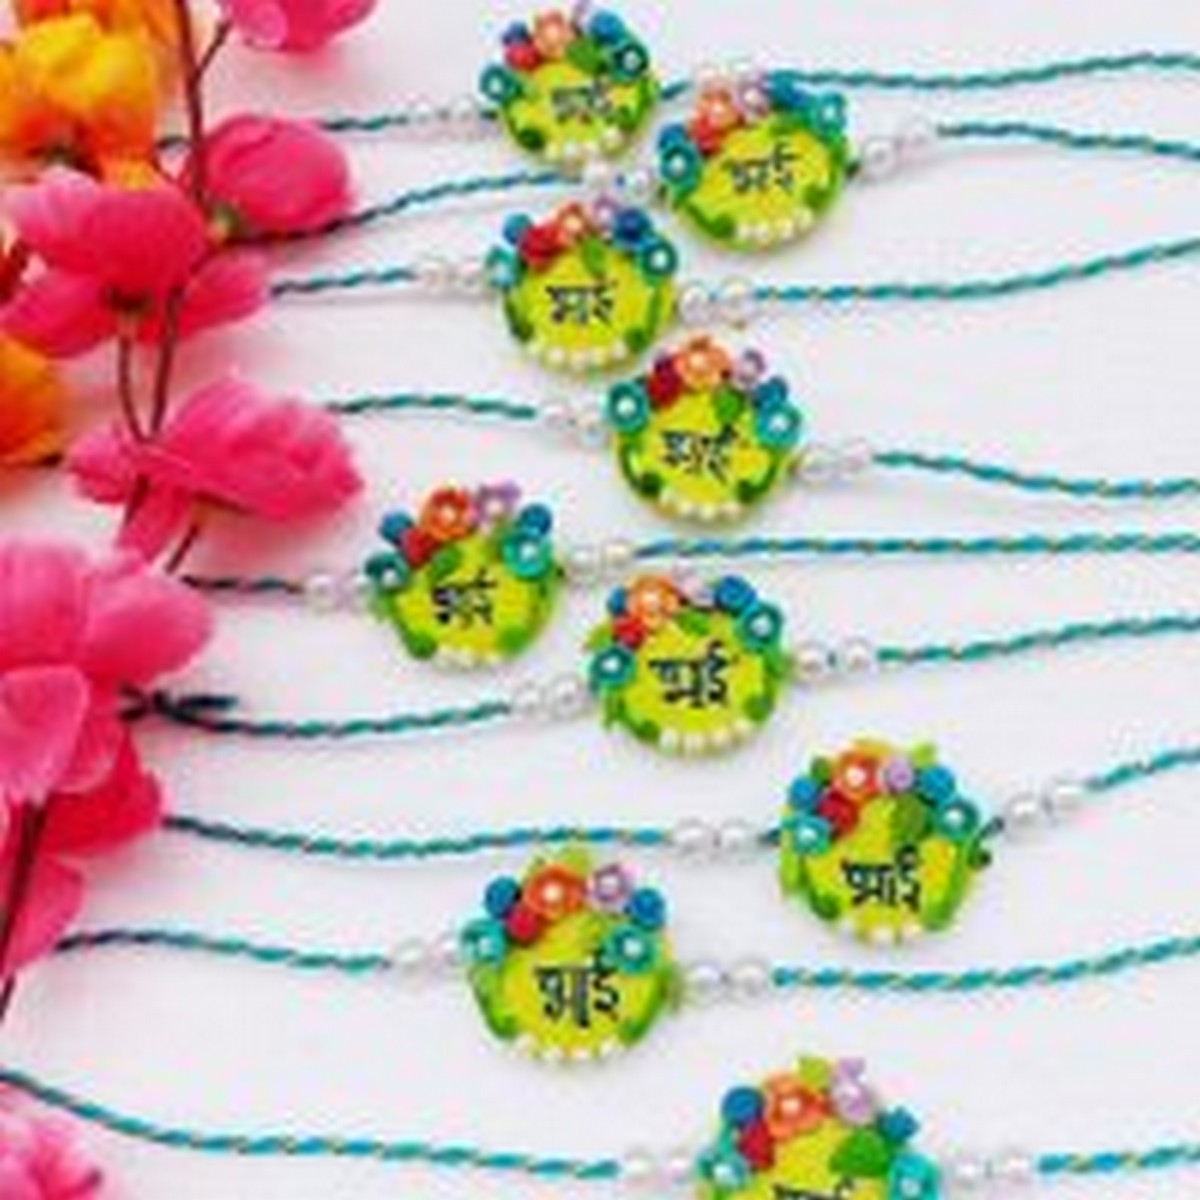 Handmade Customize Flower Rakhi For Your Brother  Handmade customize flower rakhi for your brother rate each rakhi